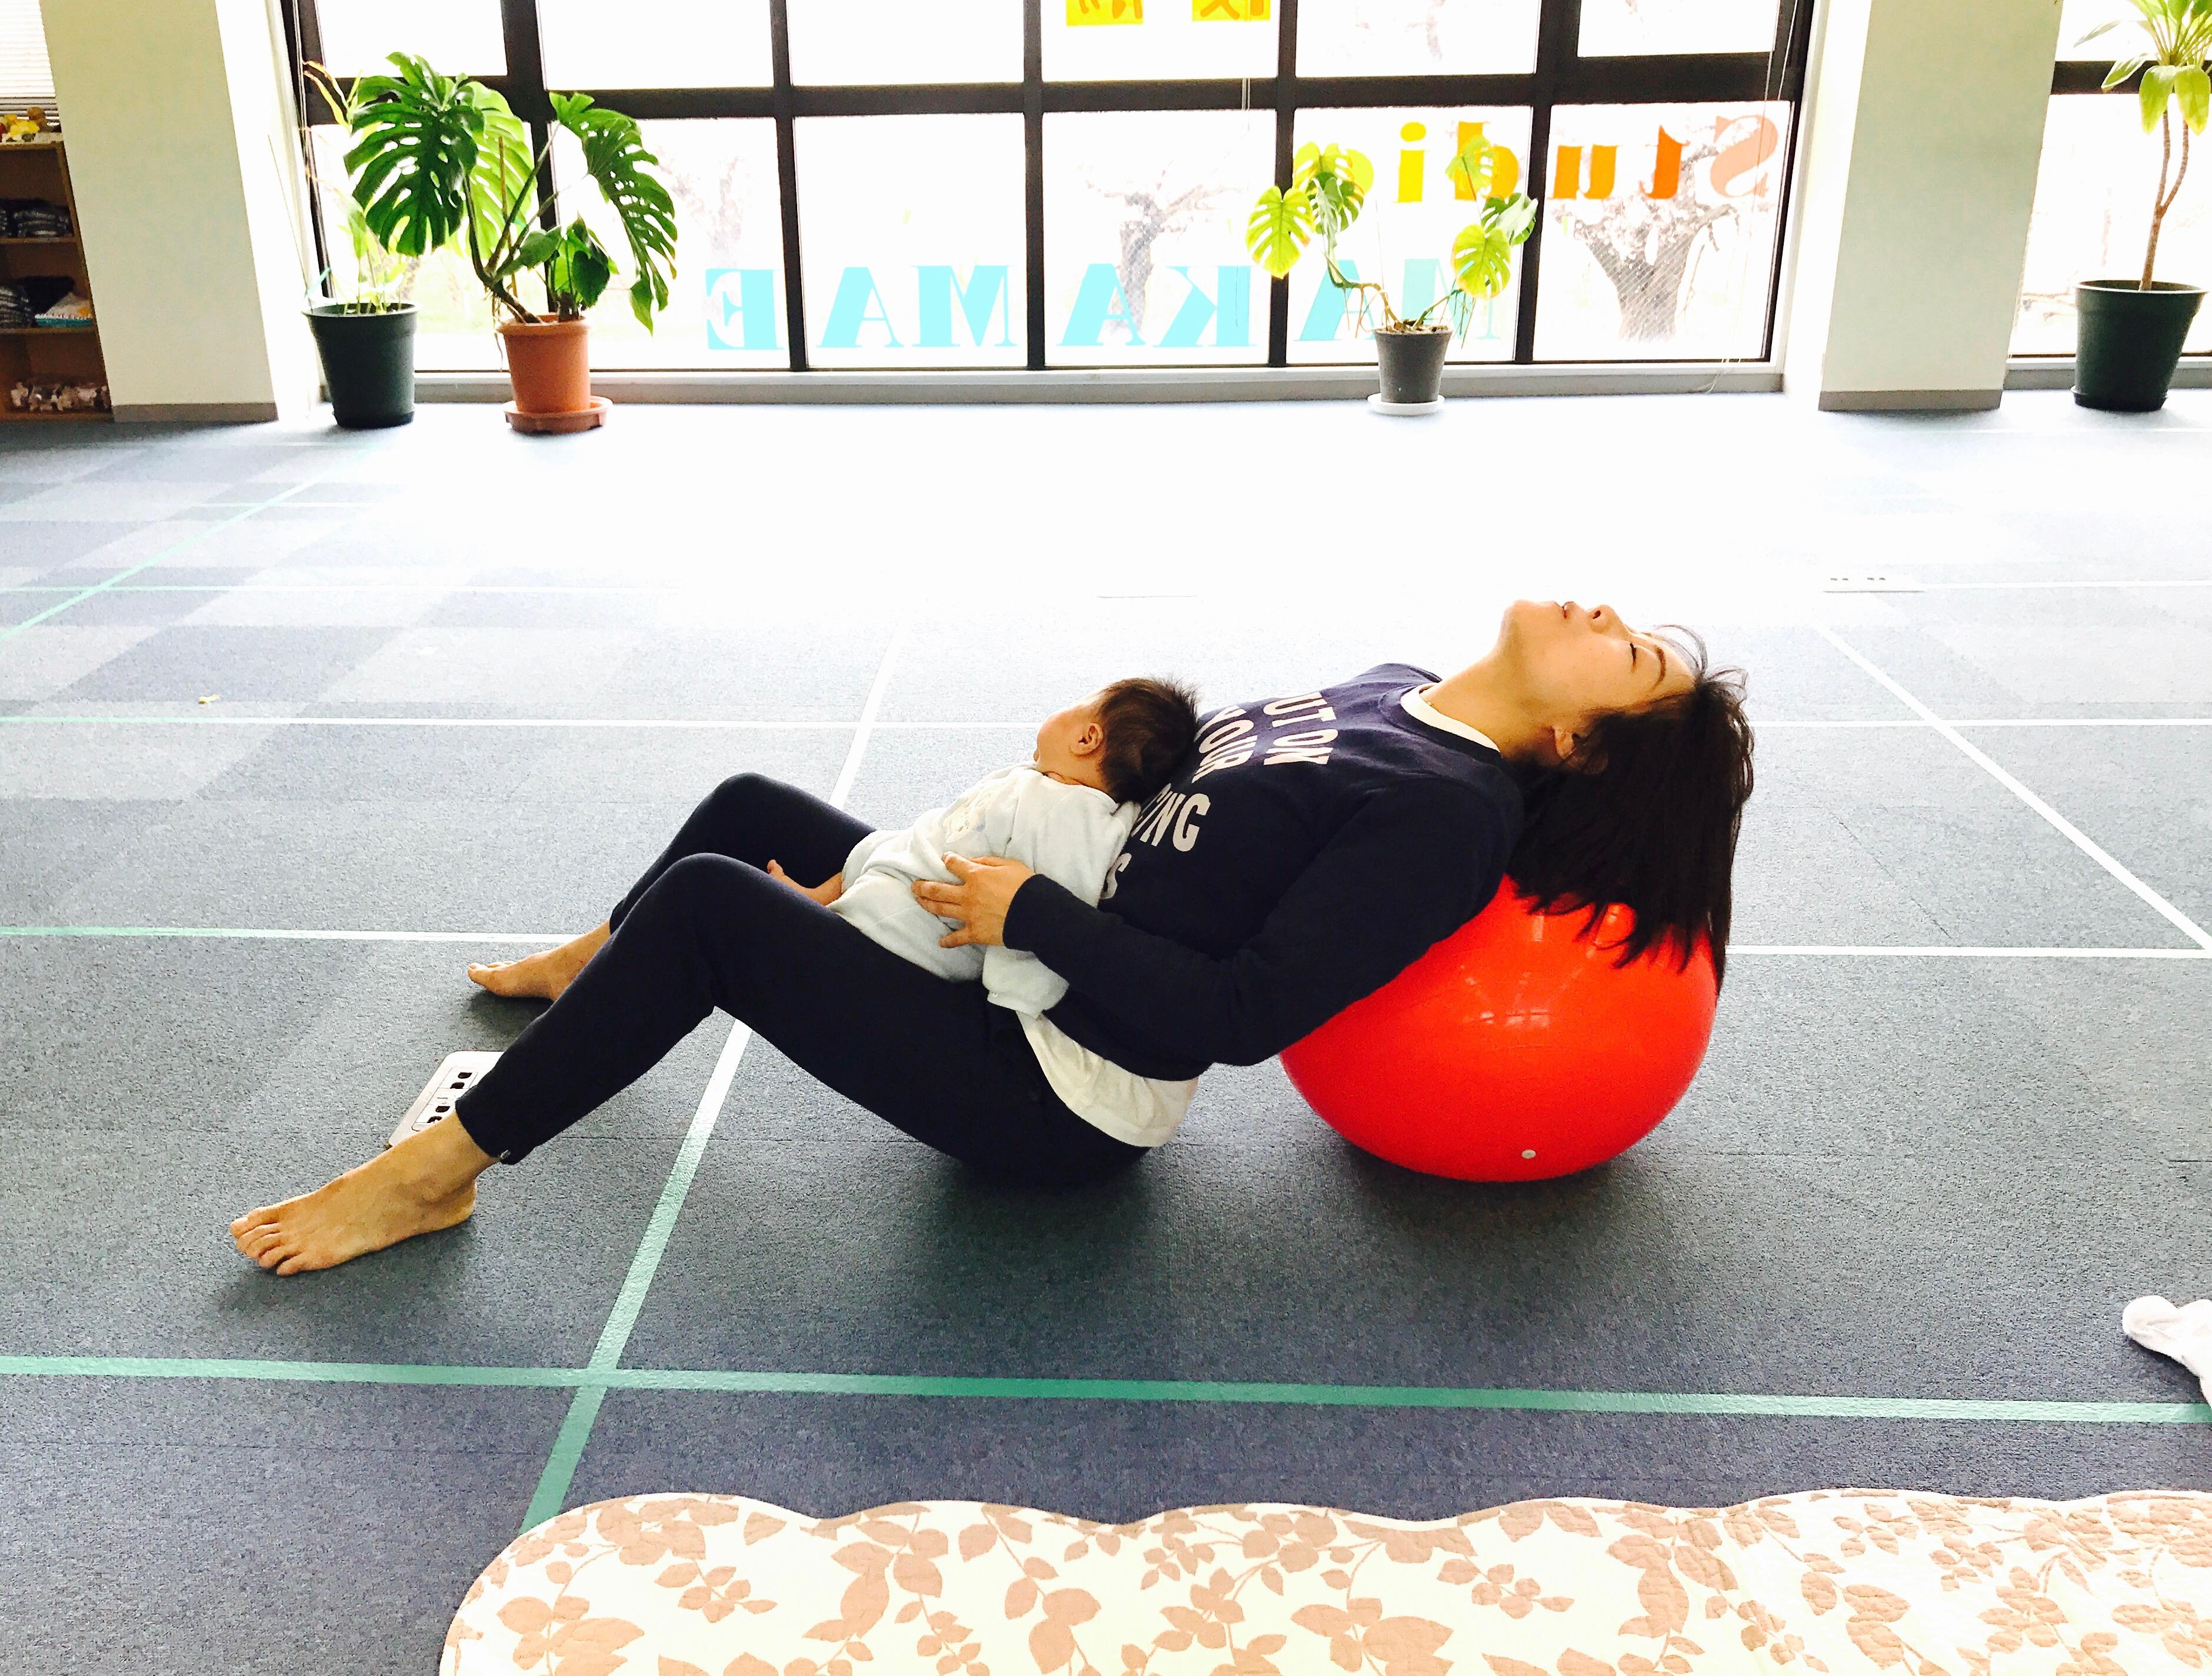 産後に運動ってしていいの?しかも赤ちゃんと一緒に?